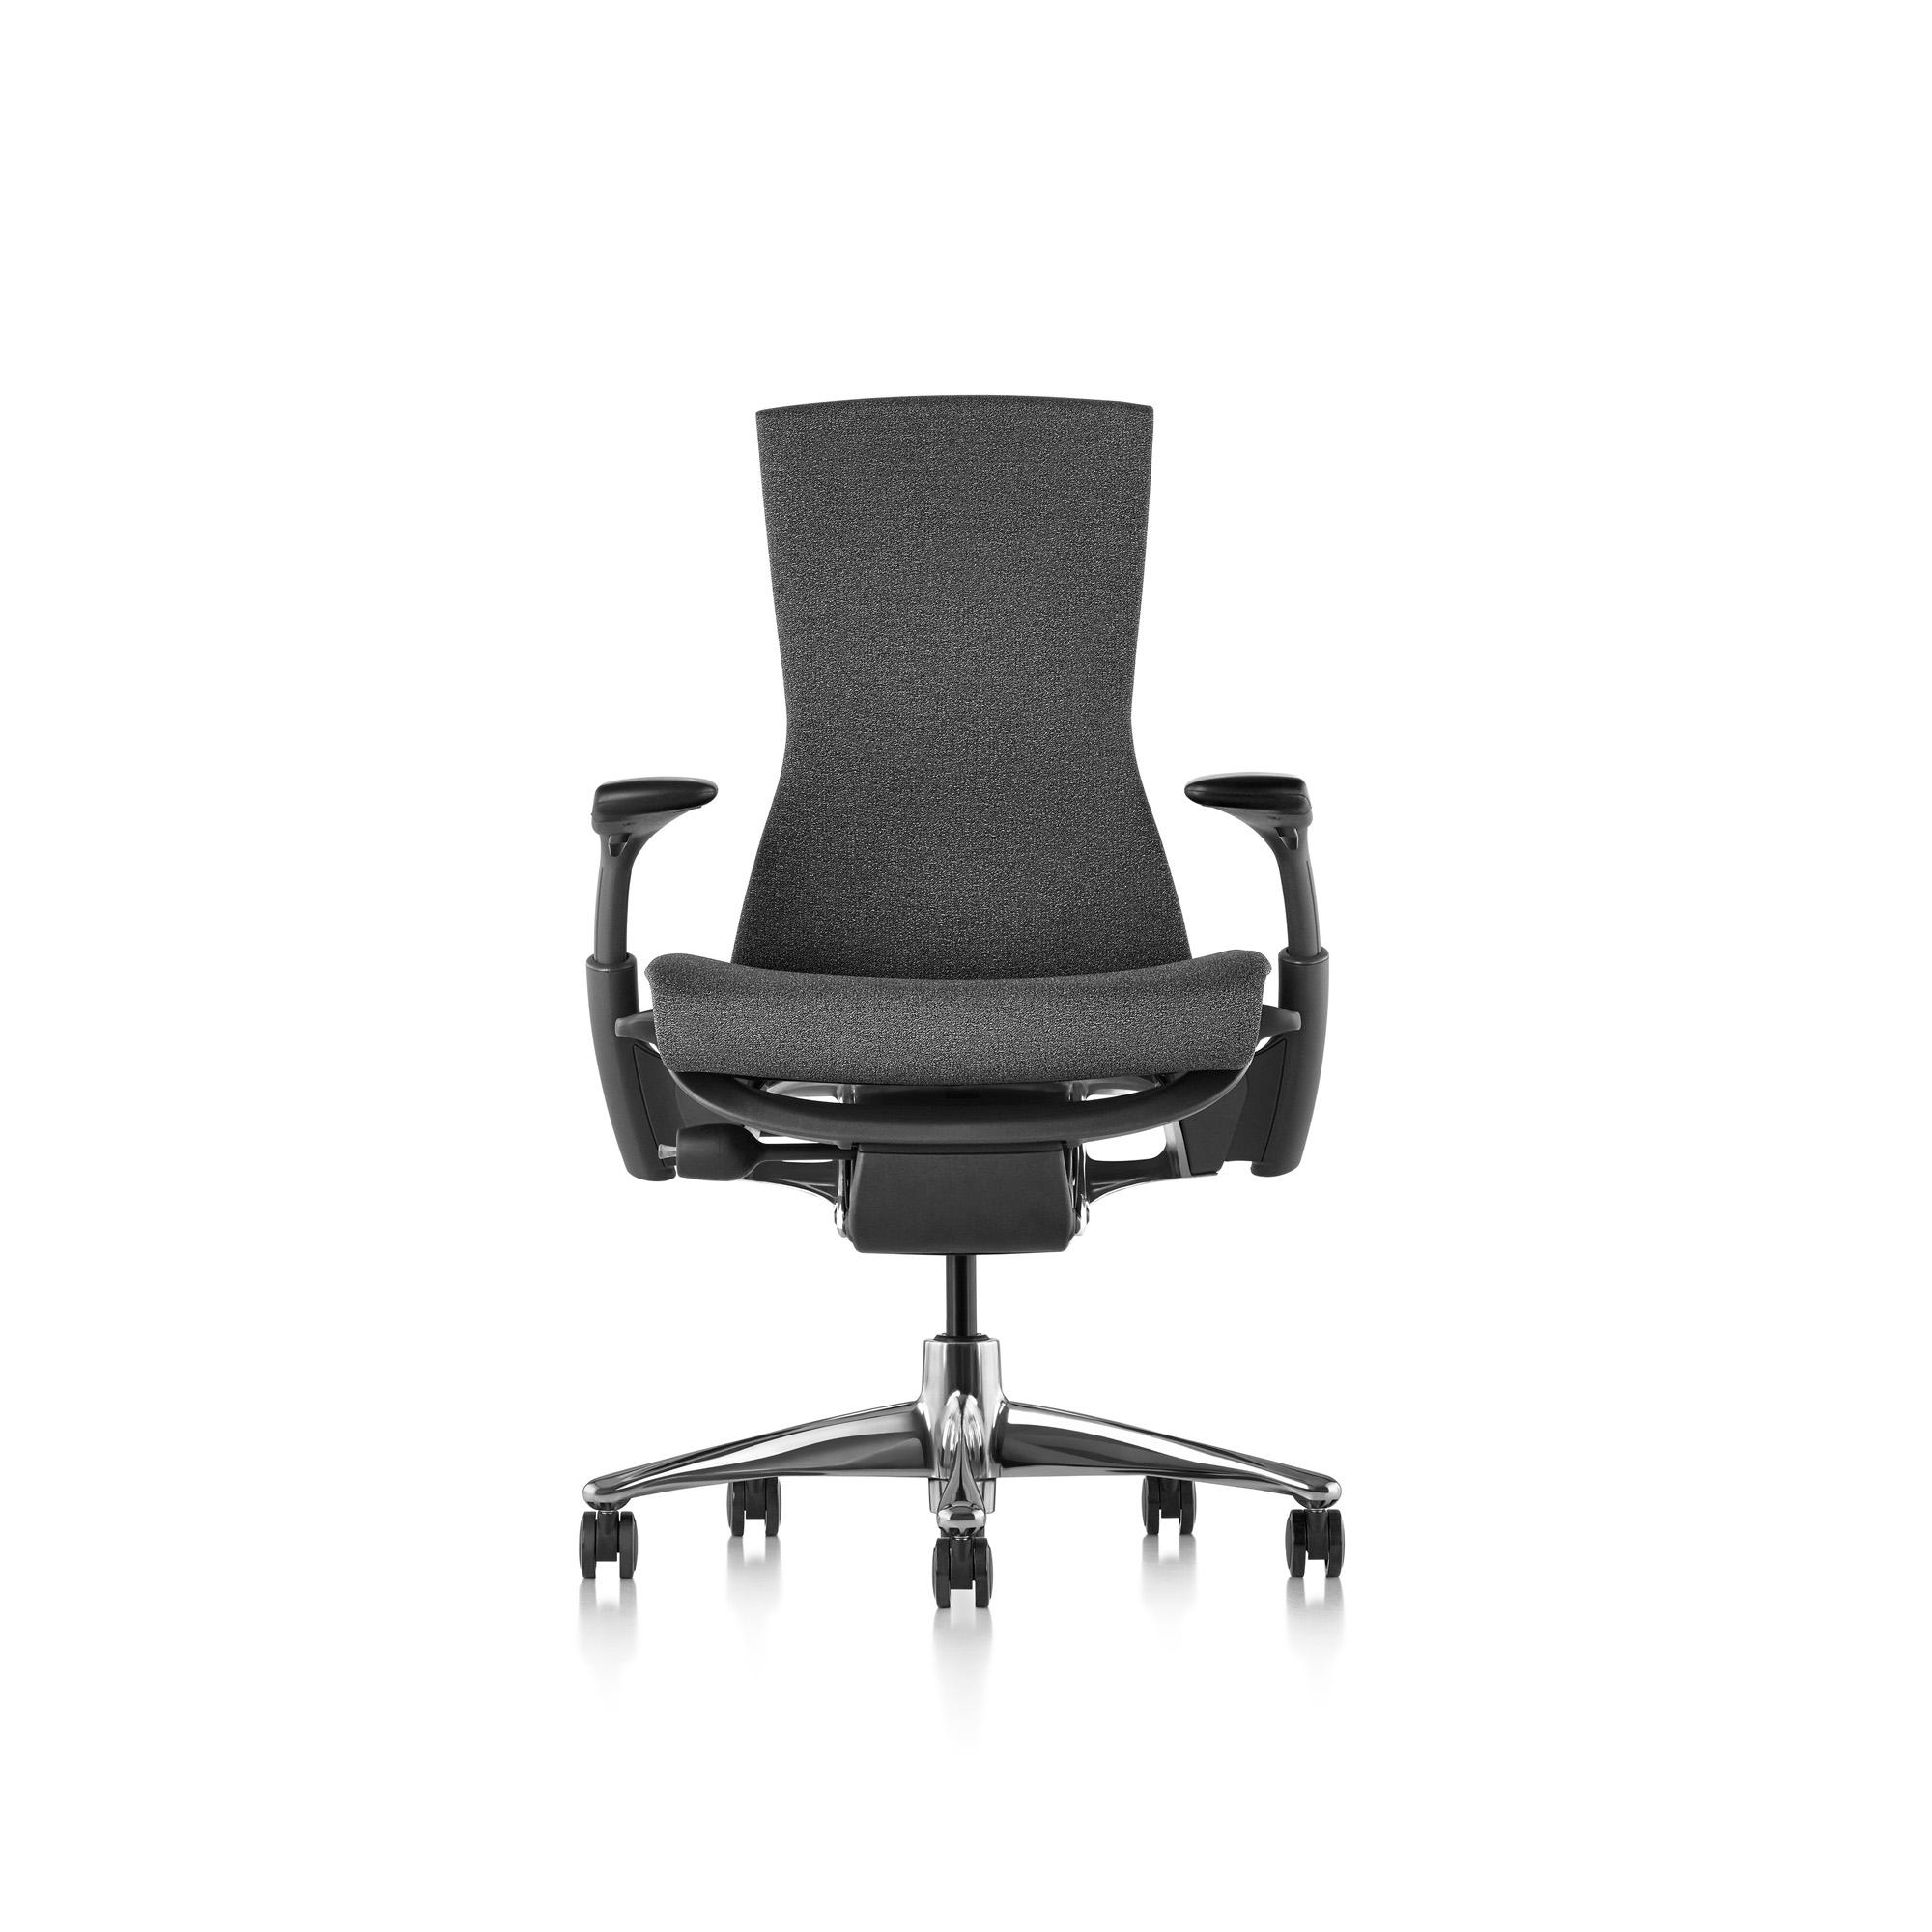 AuBergewohnlich Herman Miller Embody Chair, Bürodrehstuhl Von Stumpf U0026 Weber | Designikonen  | Designmöbel Shop